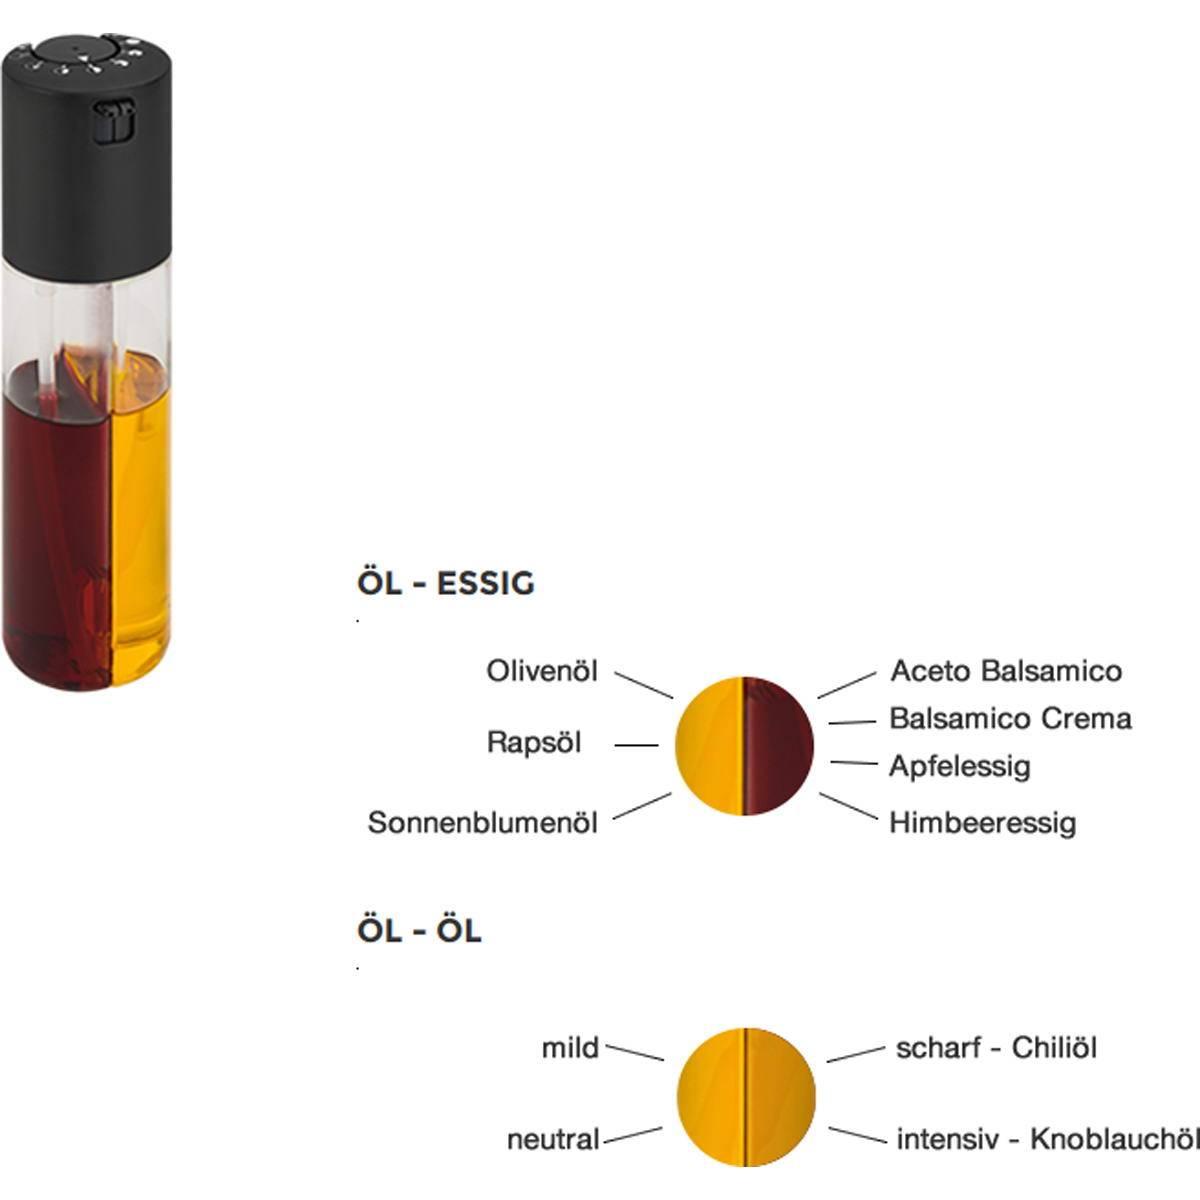 DUETTOMIX BLACK - Essig & Öl Spender - Bild 2